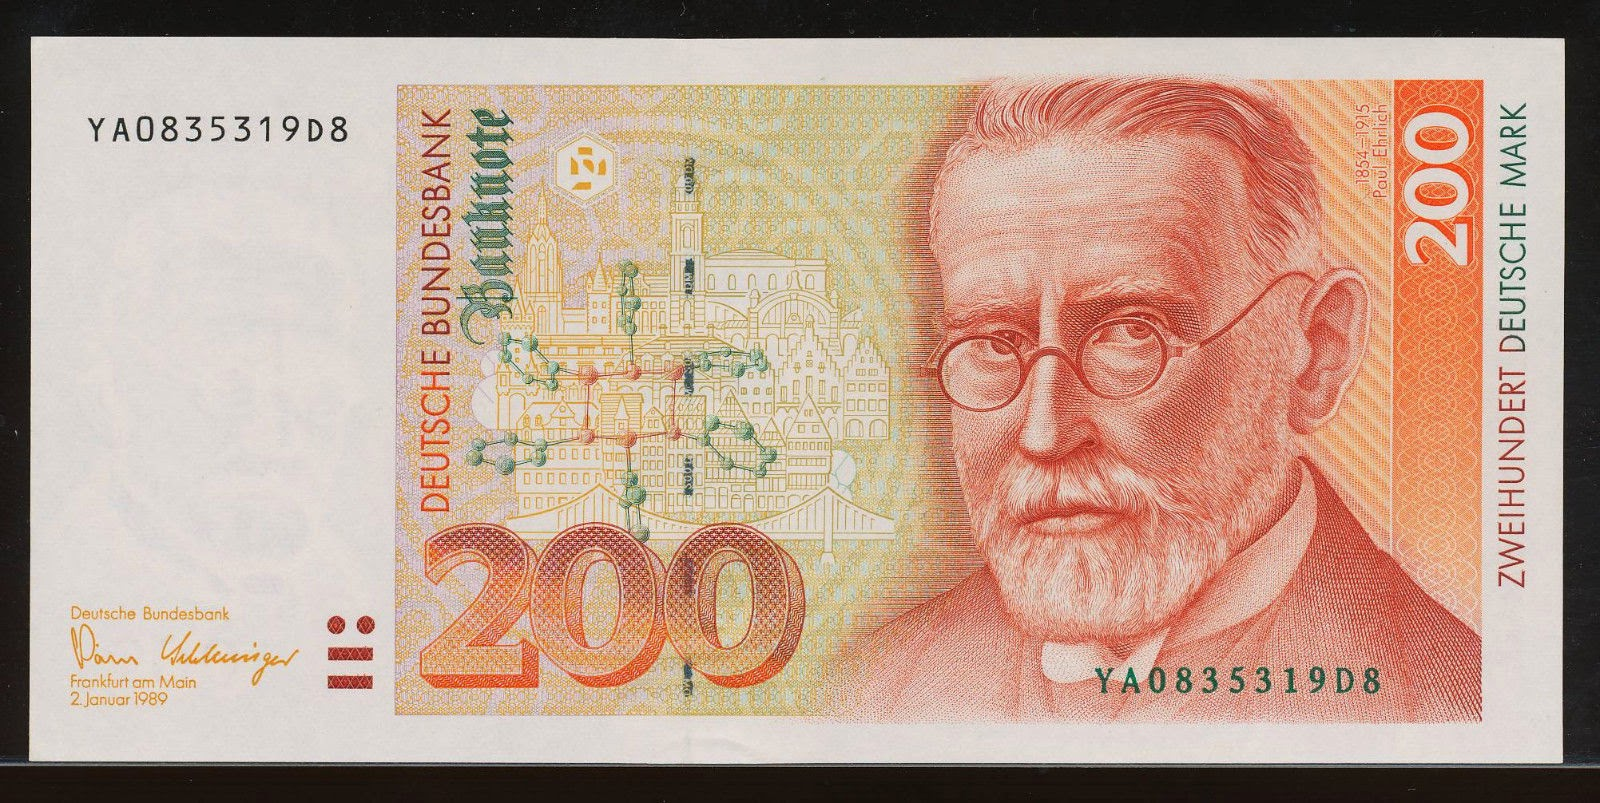 200 deutsche mark banknote 1989 paul ehrlichworld banknotes 200 deutsche mark banknote 1989 paul ehrlich buycottarizona